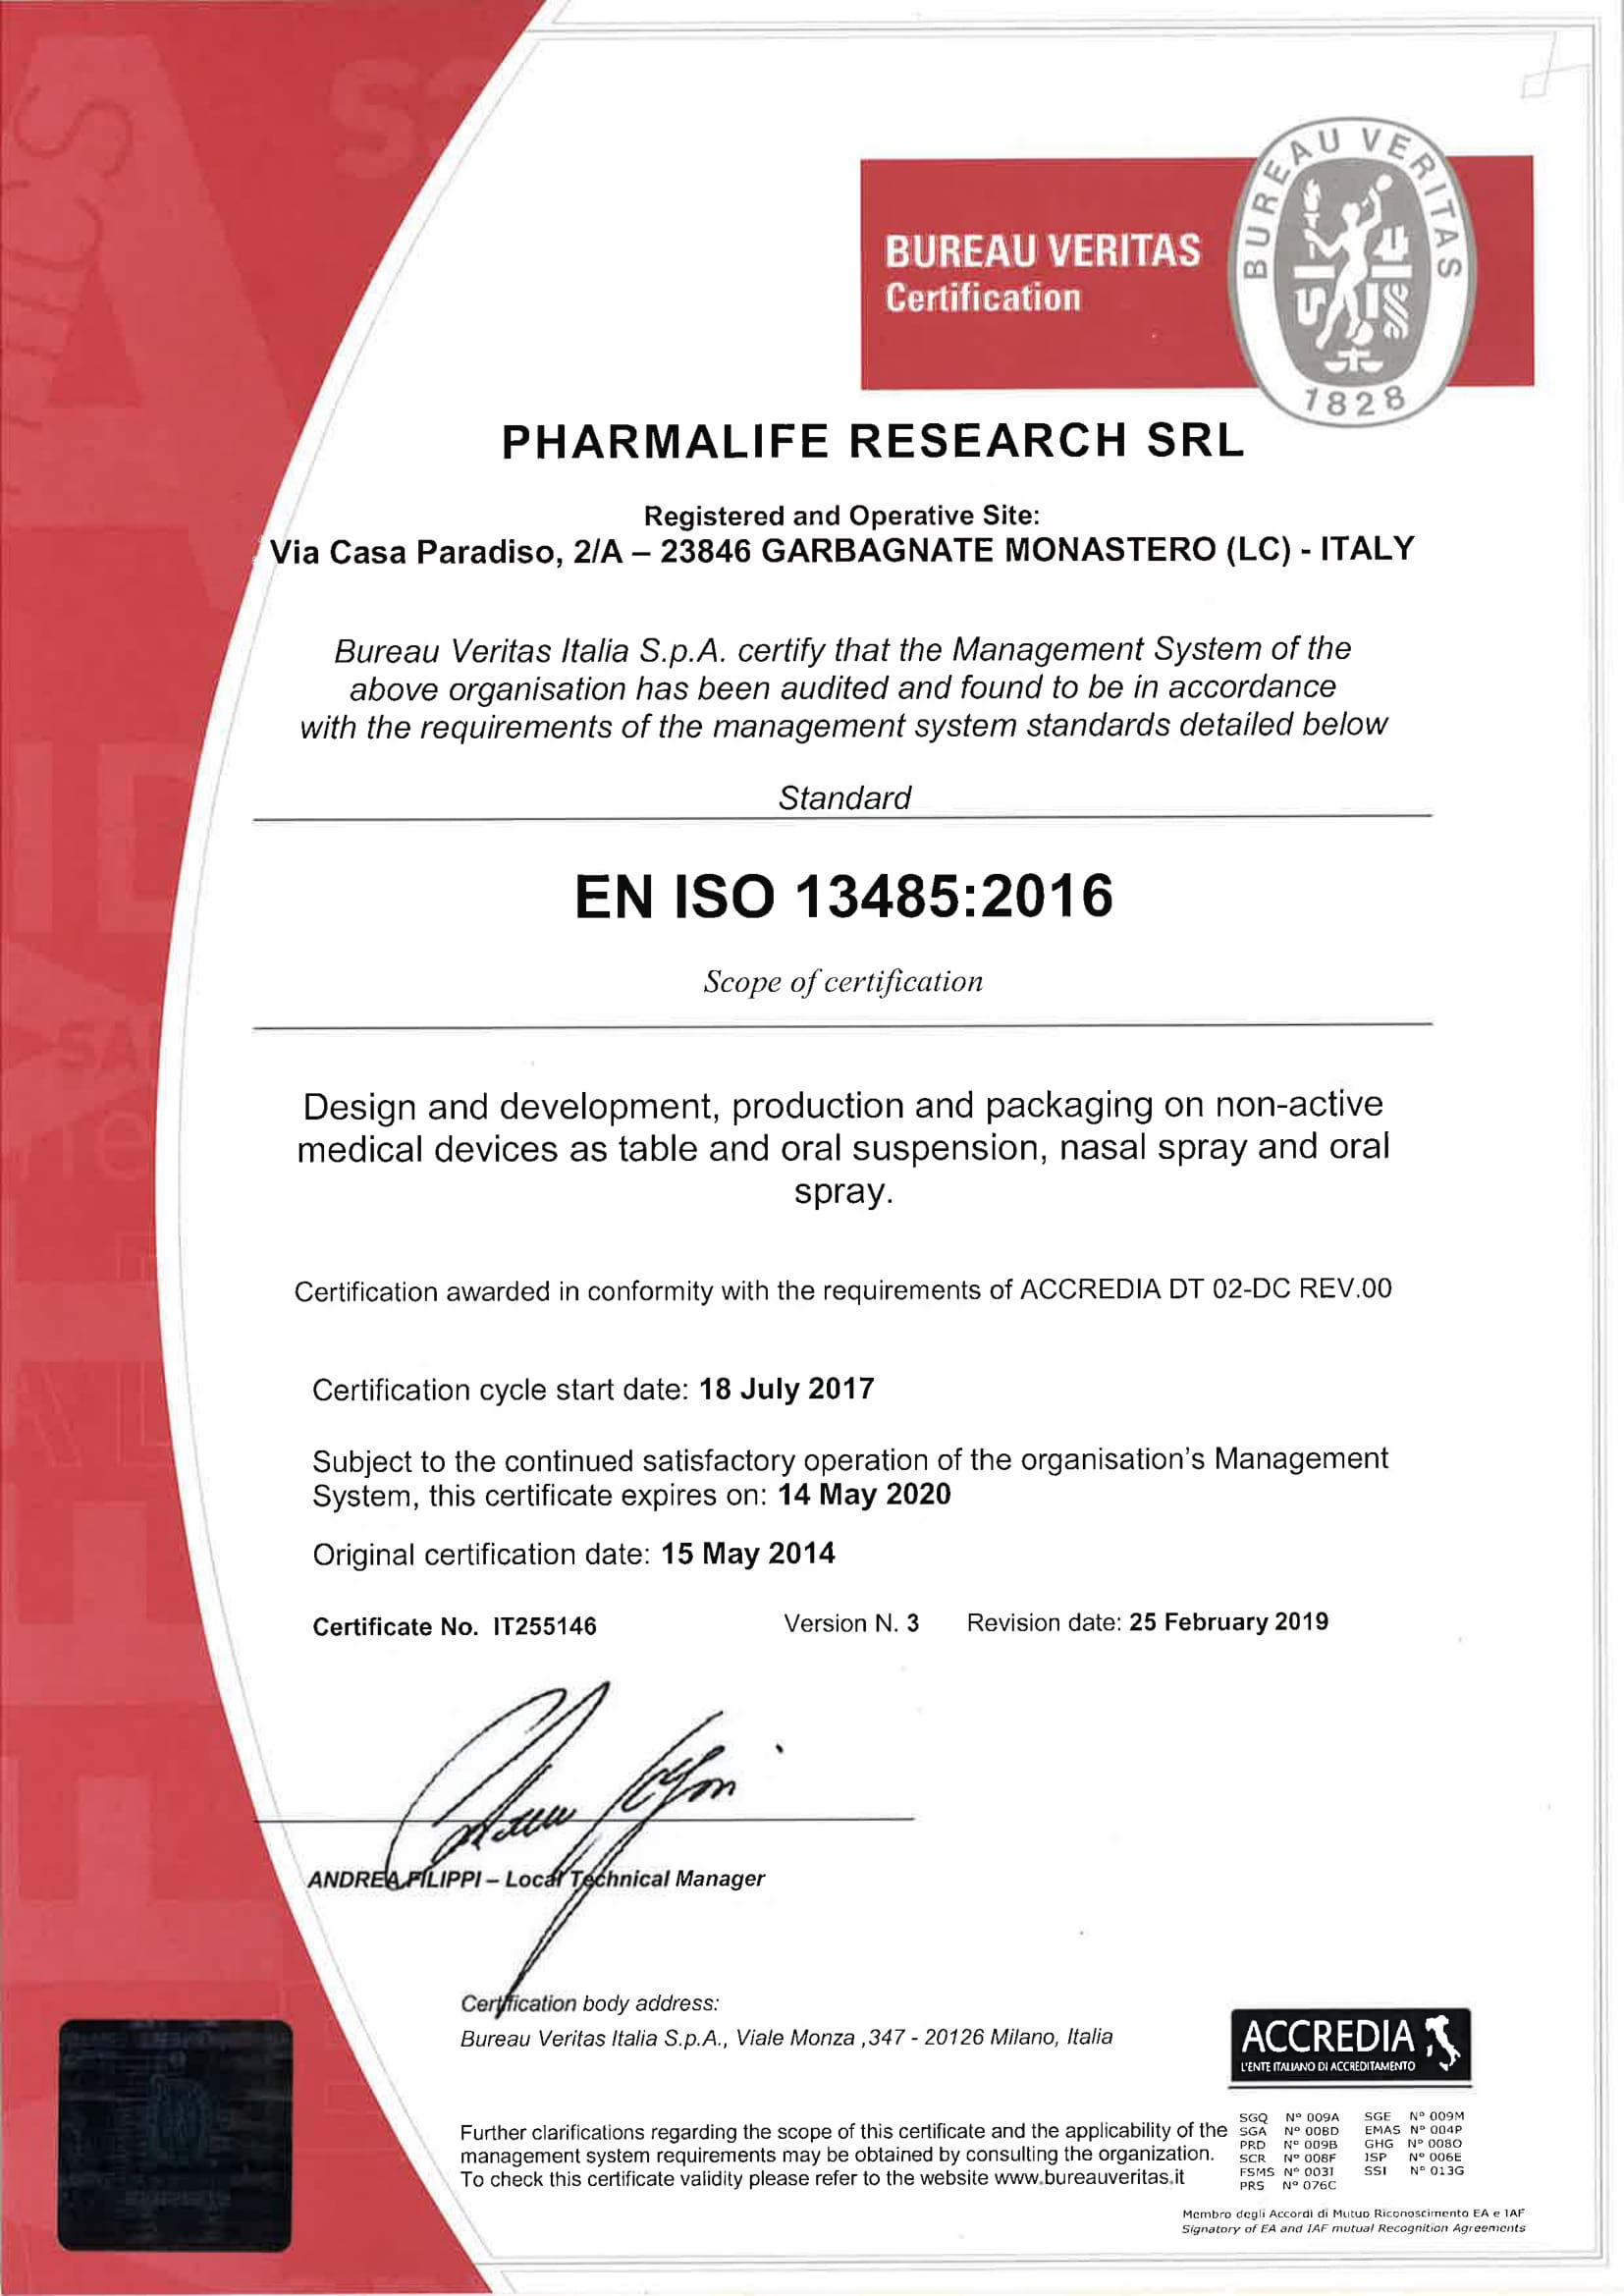 PHARMALIFE RESEARCH SRL - 13485 - ING-1